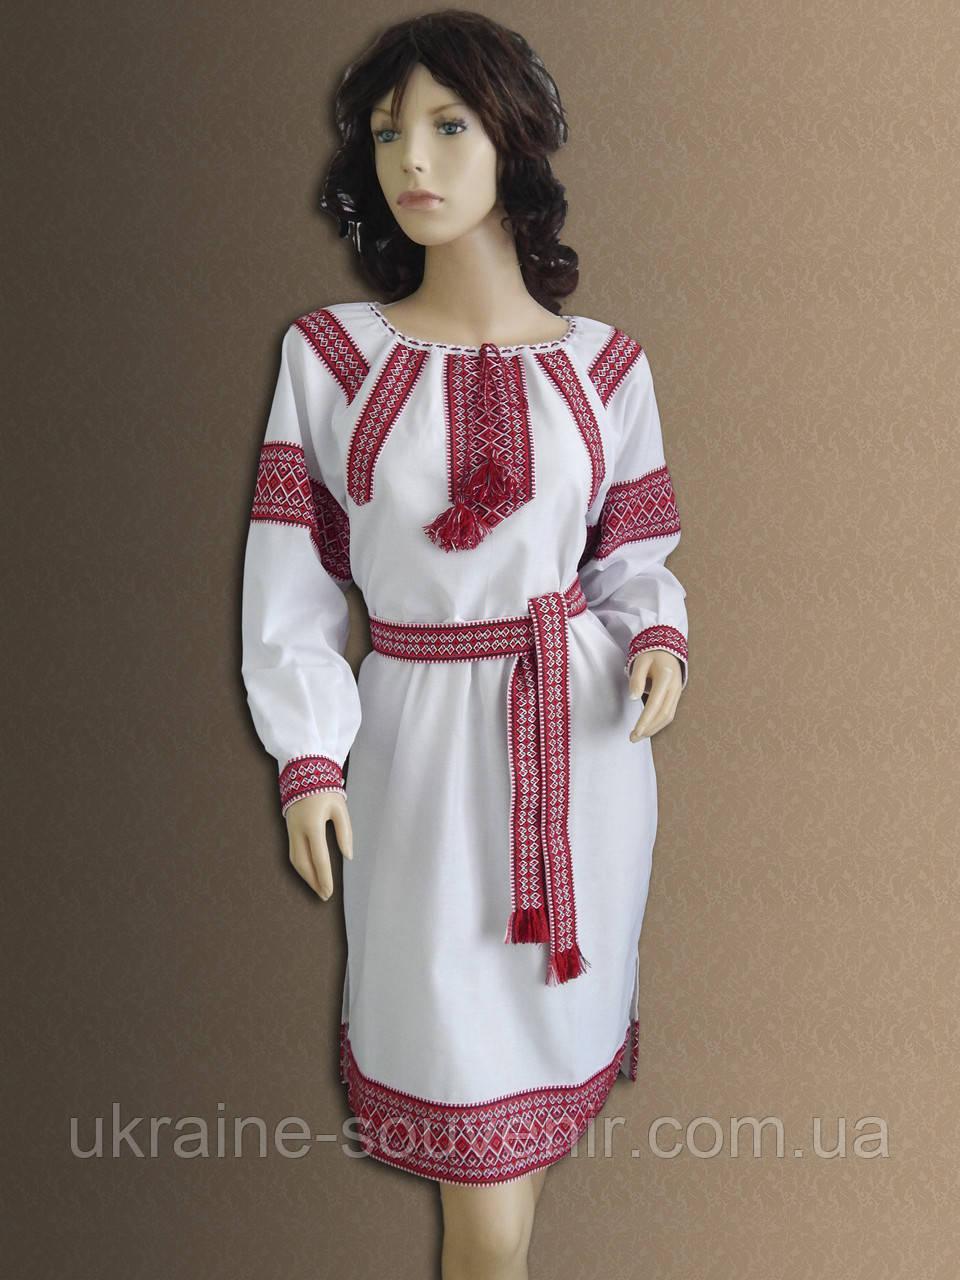 Жіноче плаття в українському стилі 95f20bb7932f5